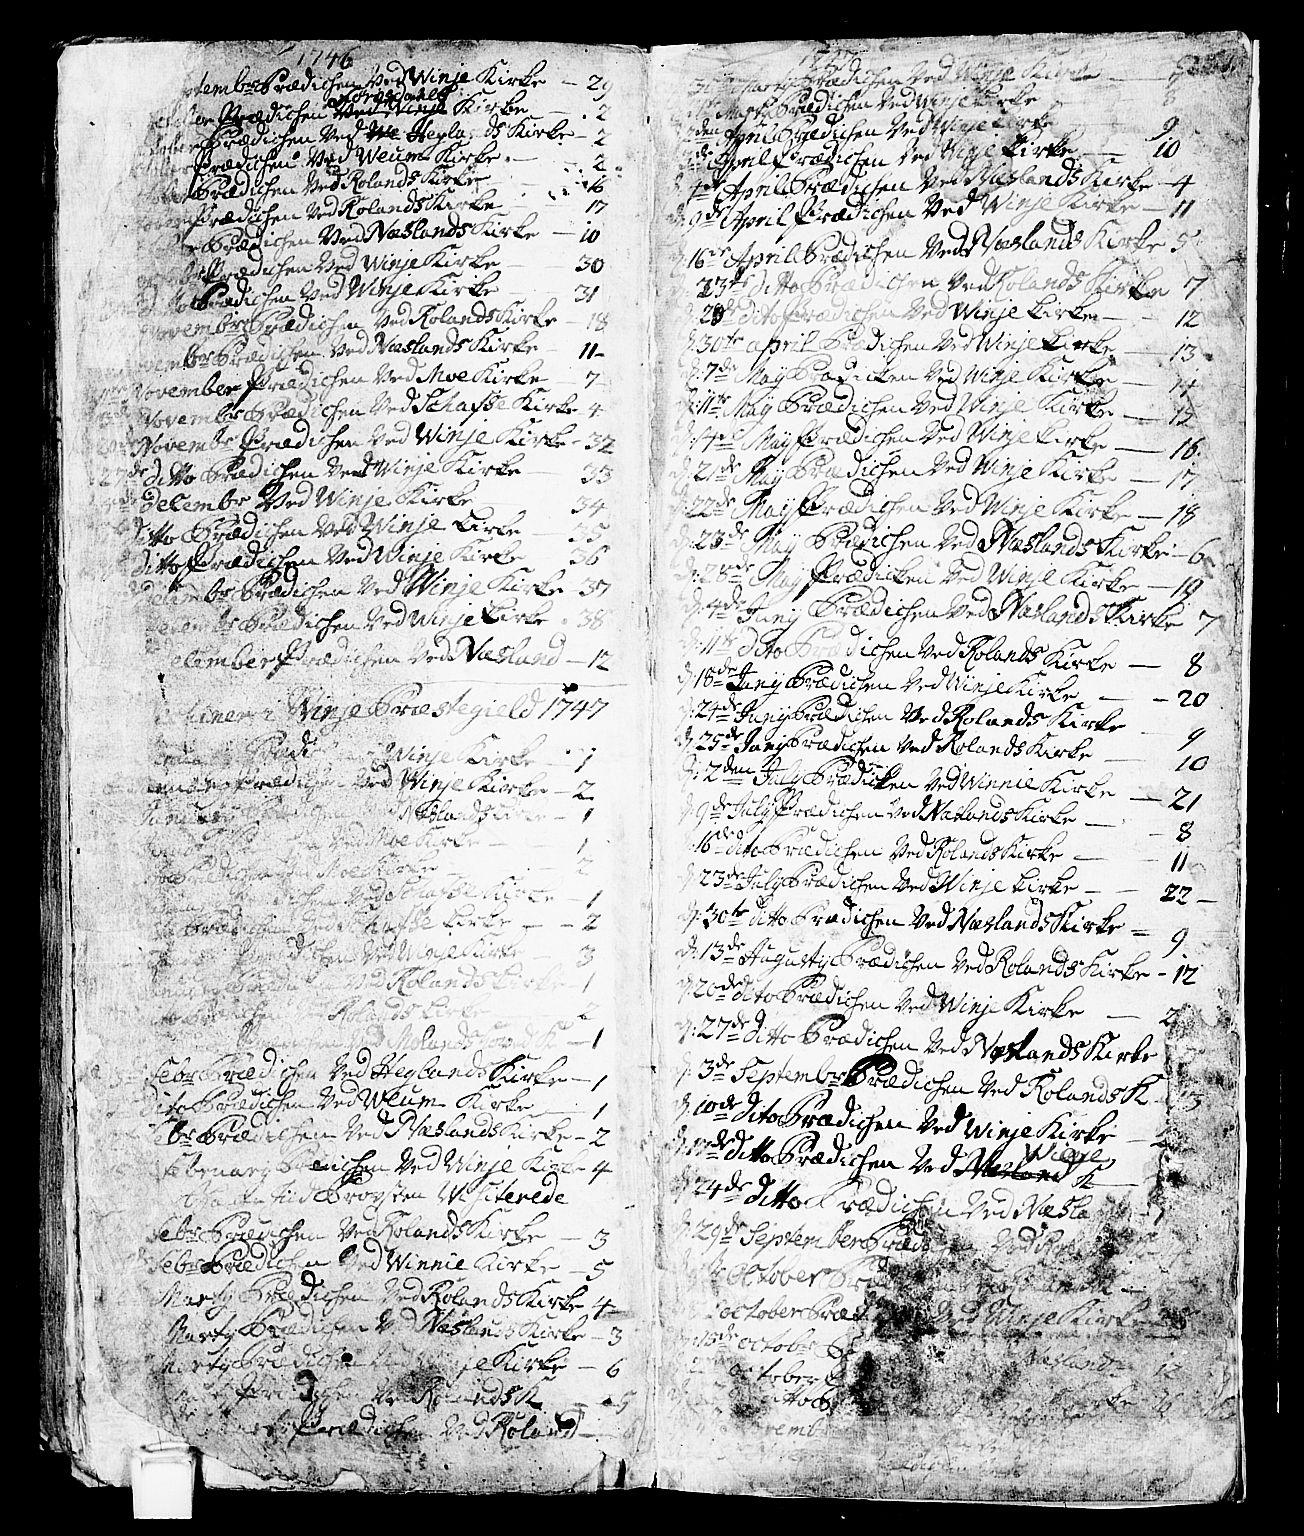 SAKO, Vinje kirkebøker, F/Fa/L0001: Ministerialbok nr. I 1, 1717-1766, s. 261